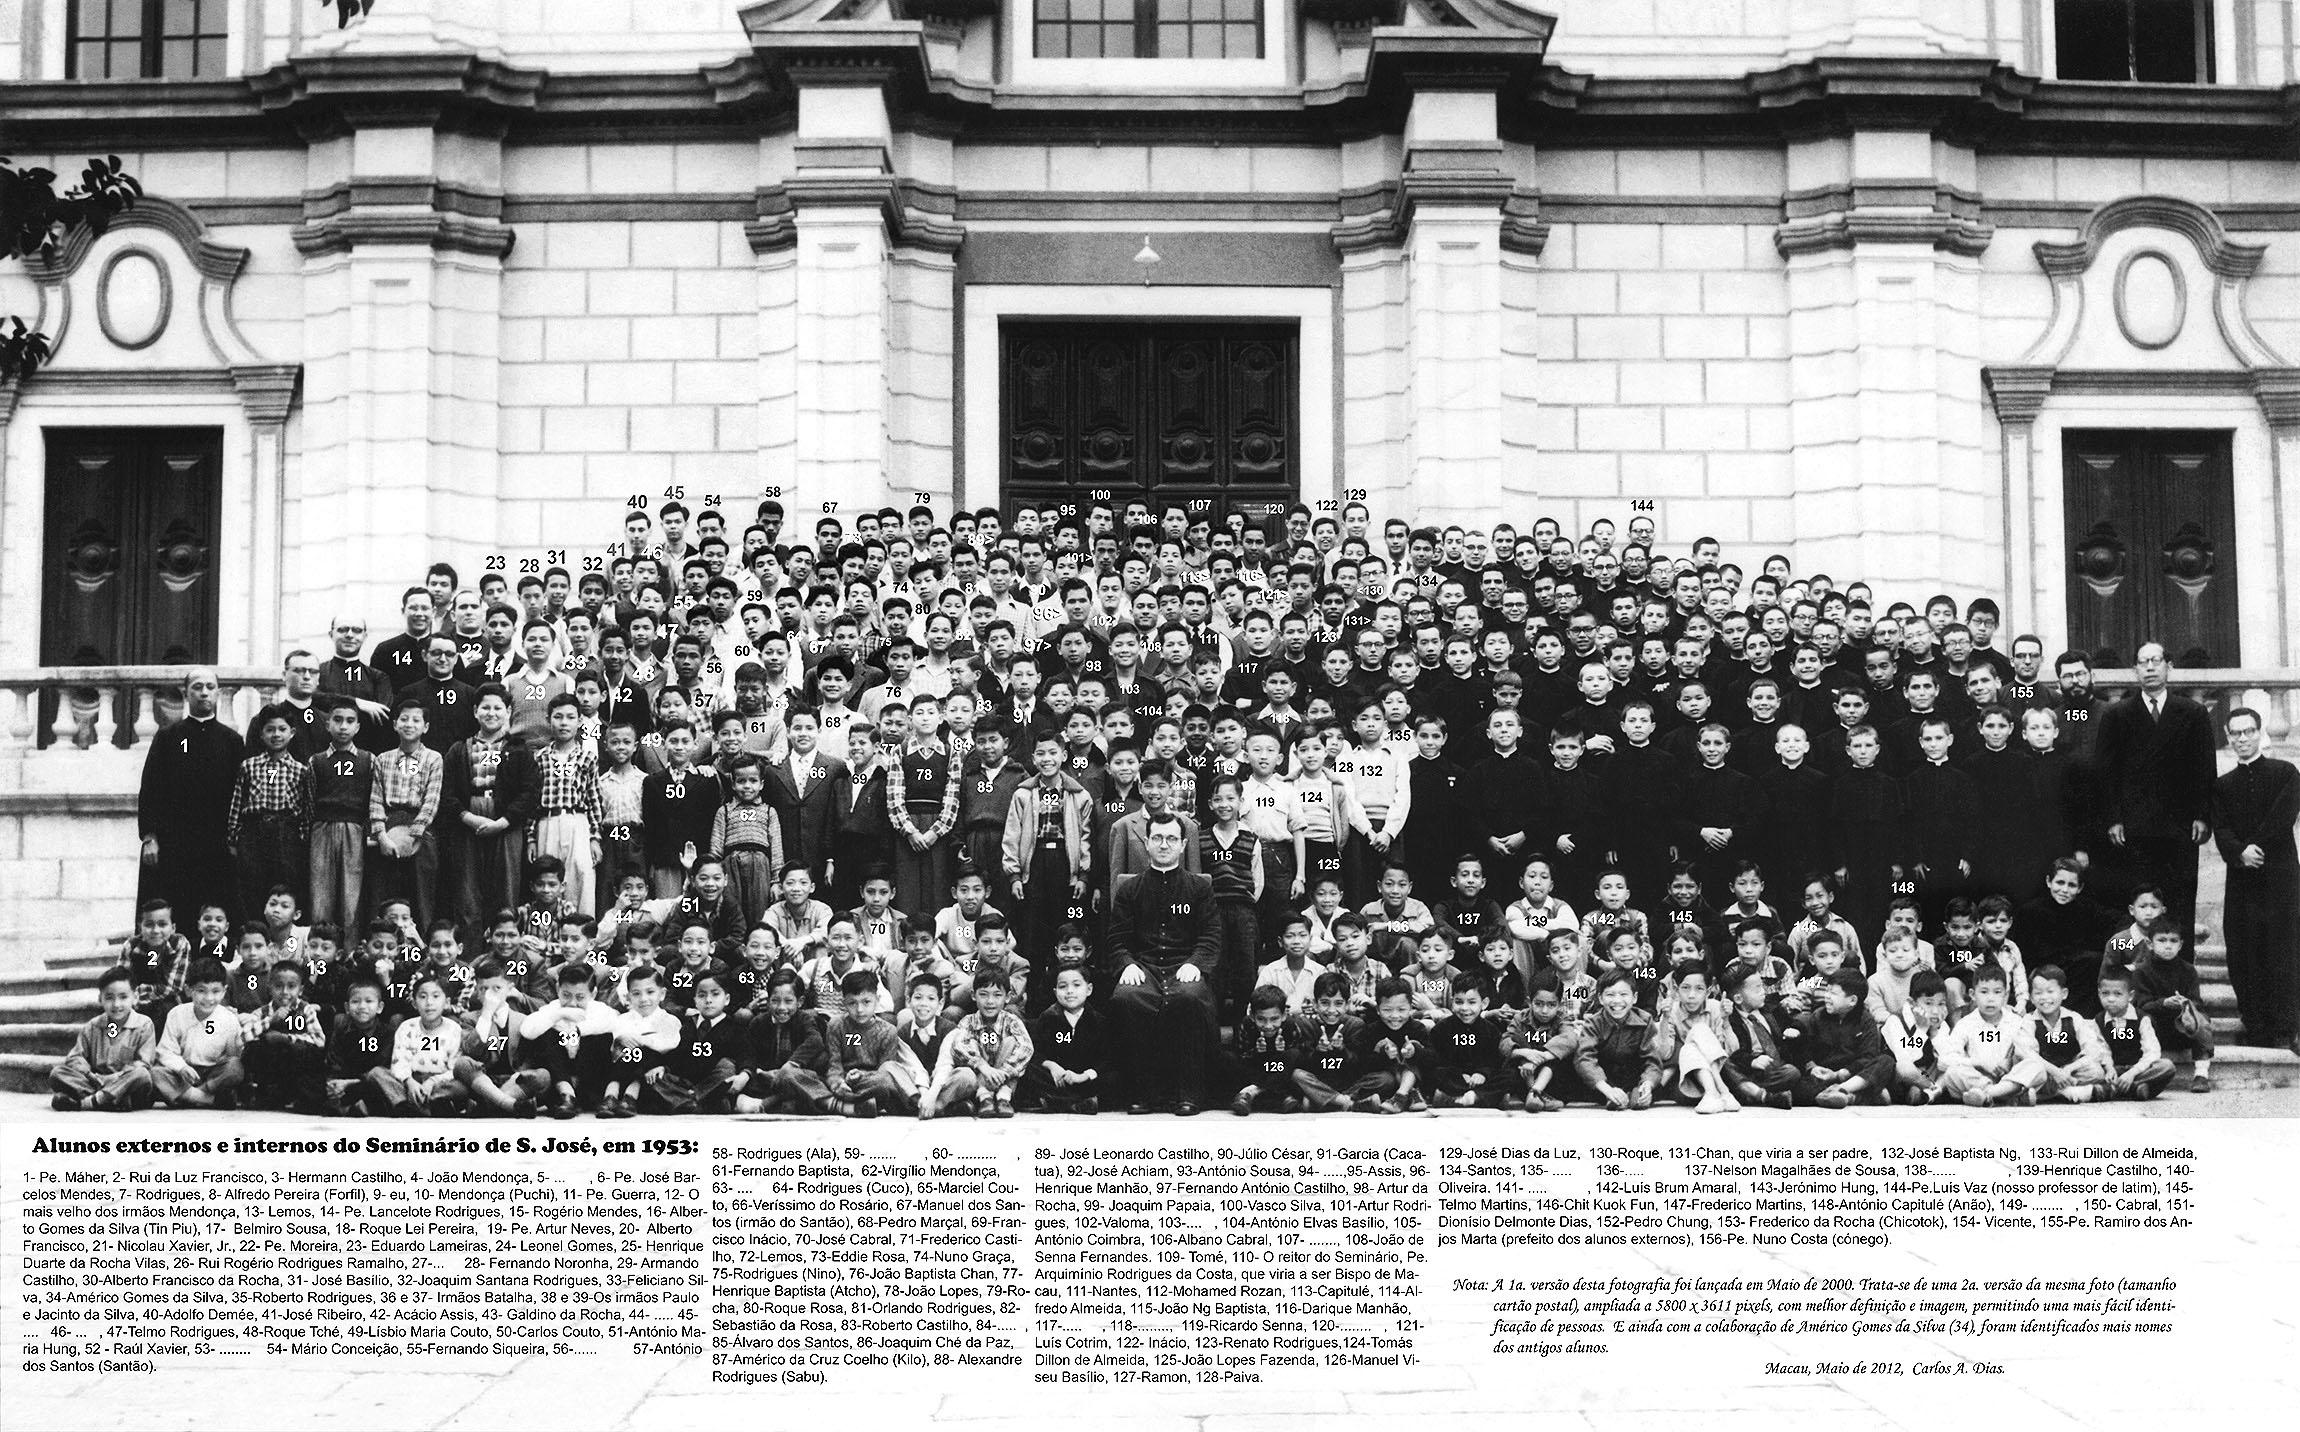 Alunos externos e internos do Seminário de São José, em 1953